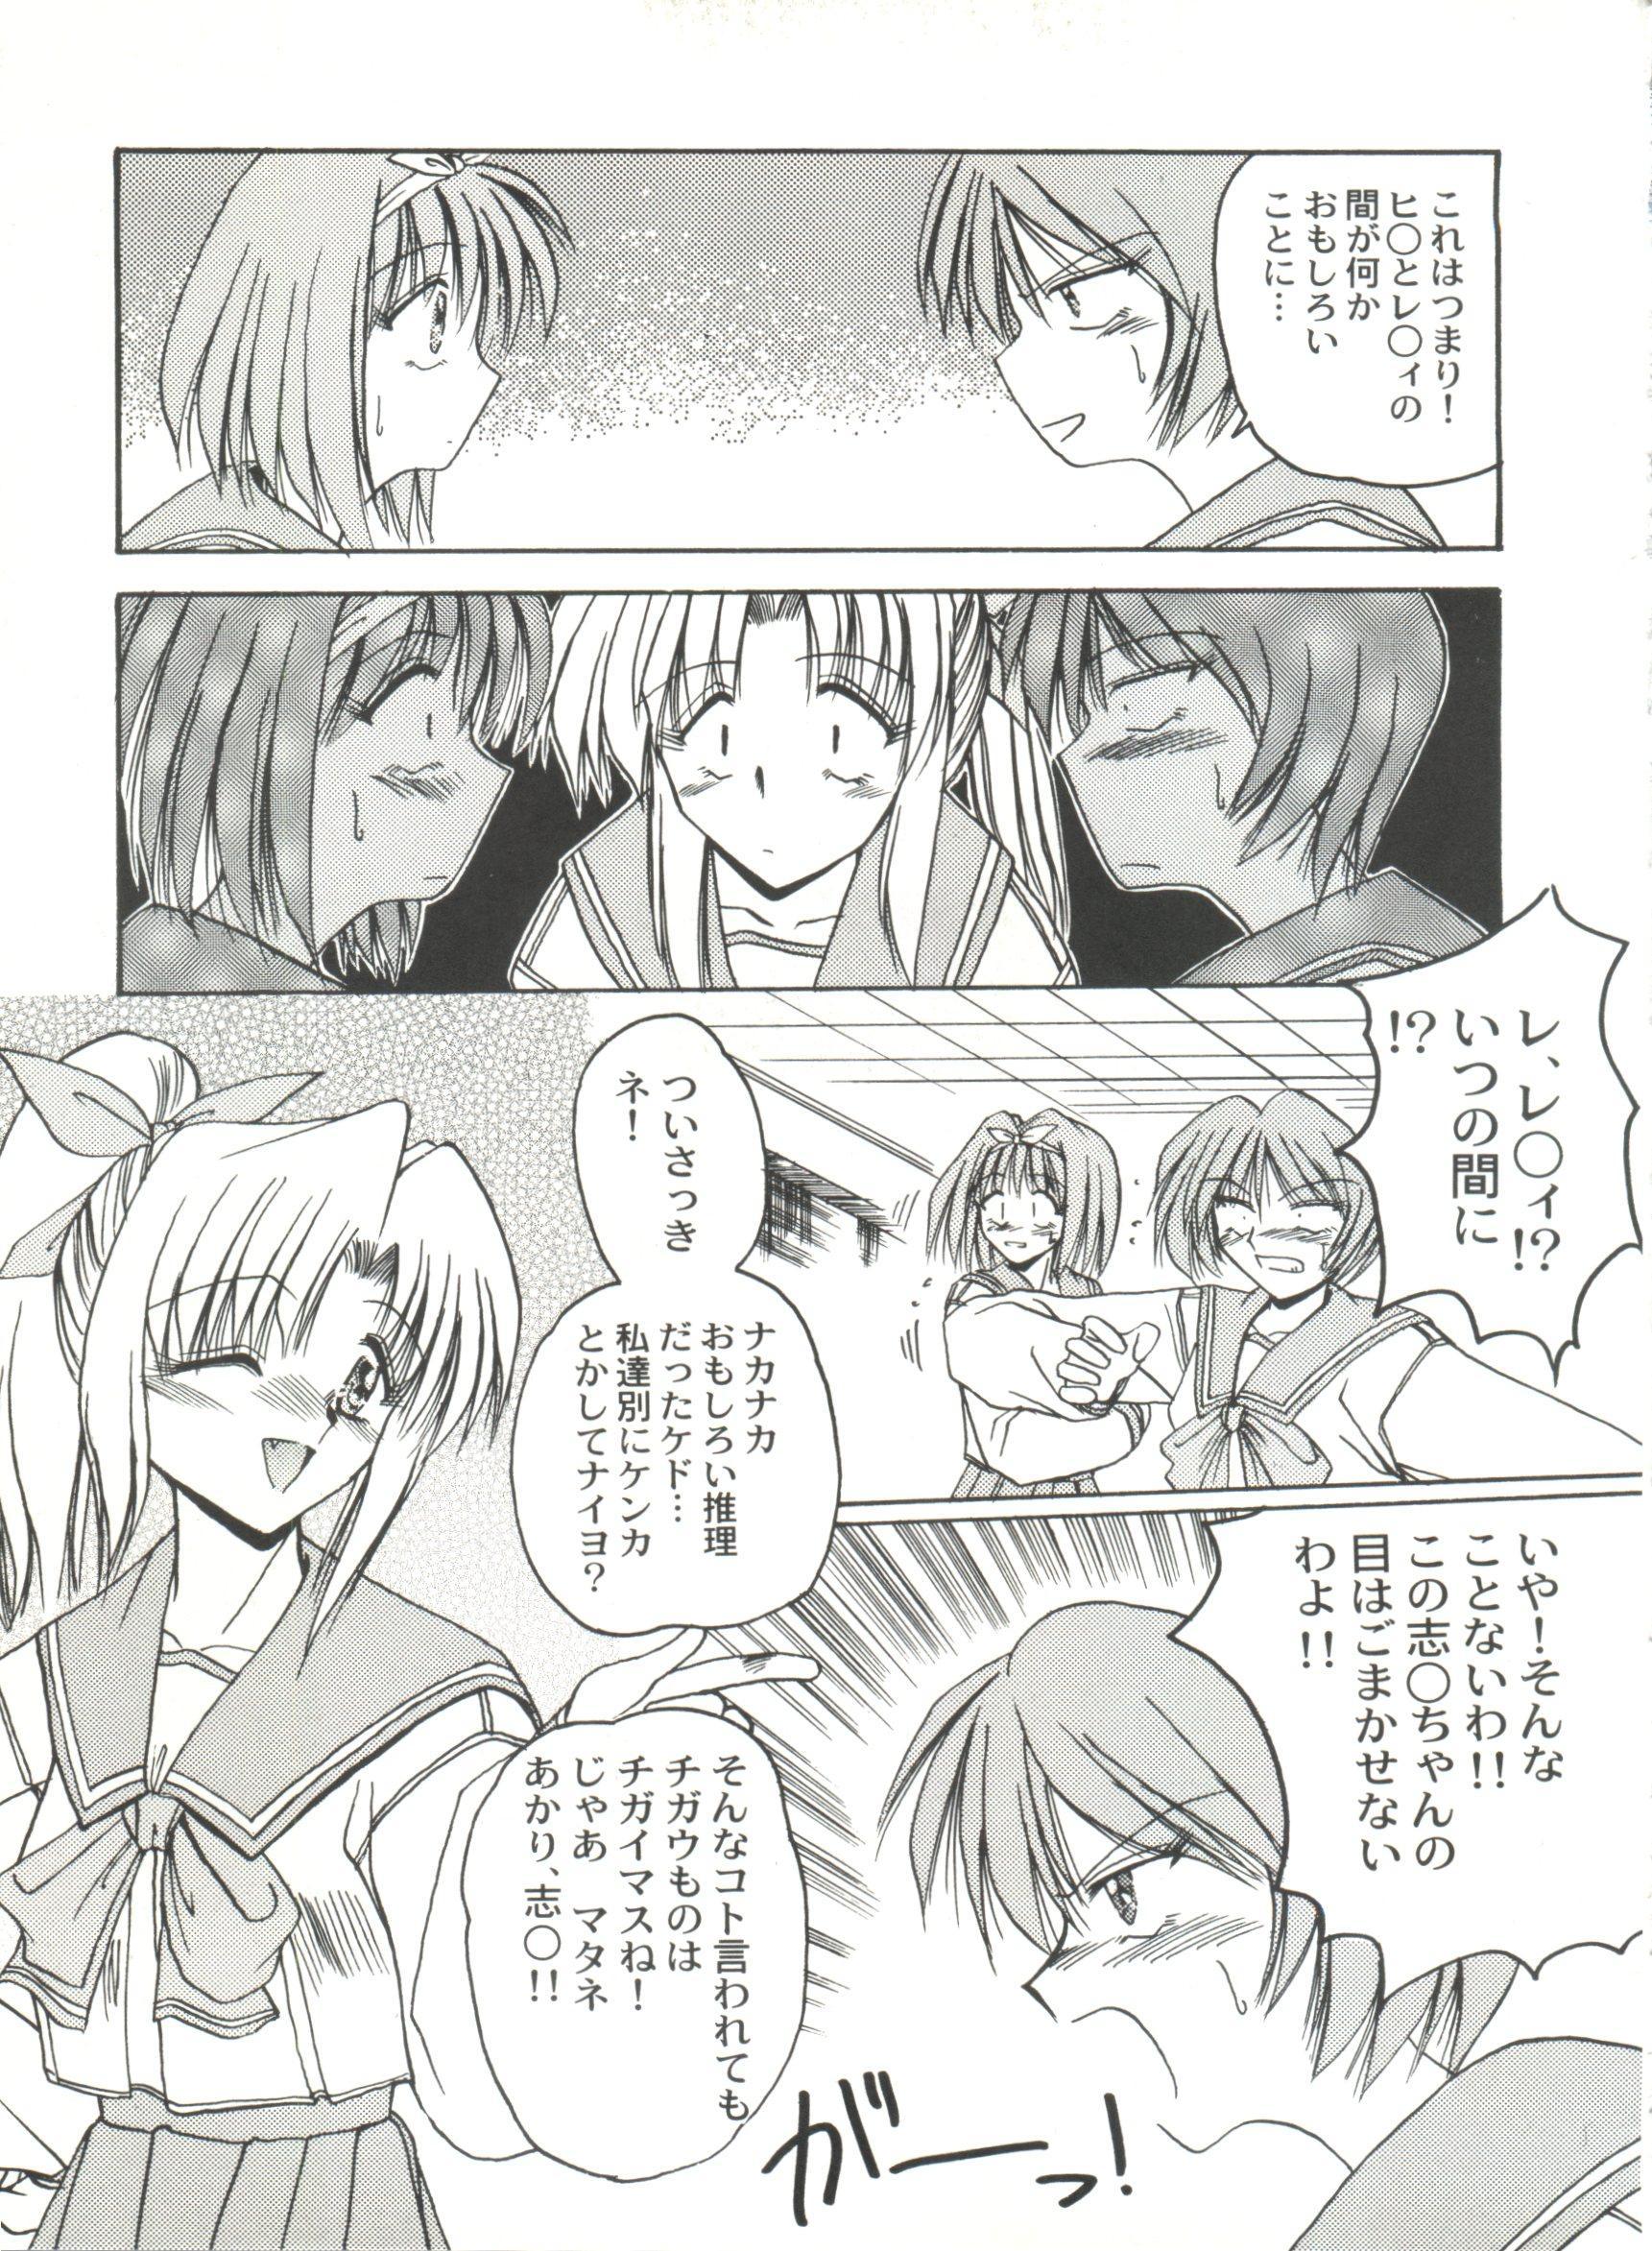 Bishoujo Doujinshi Anthology Cute 4 30